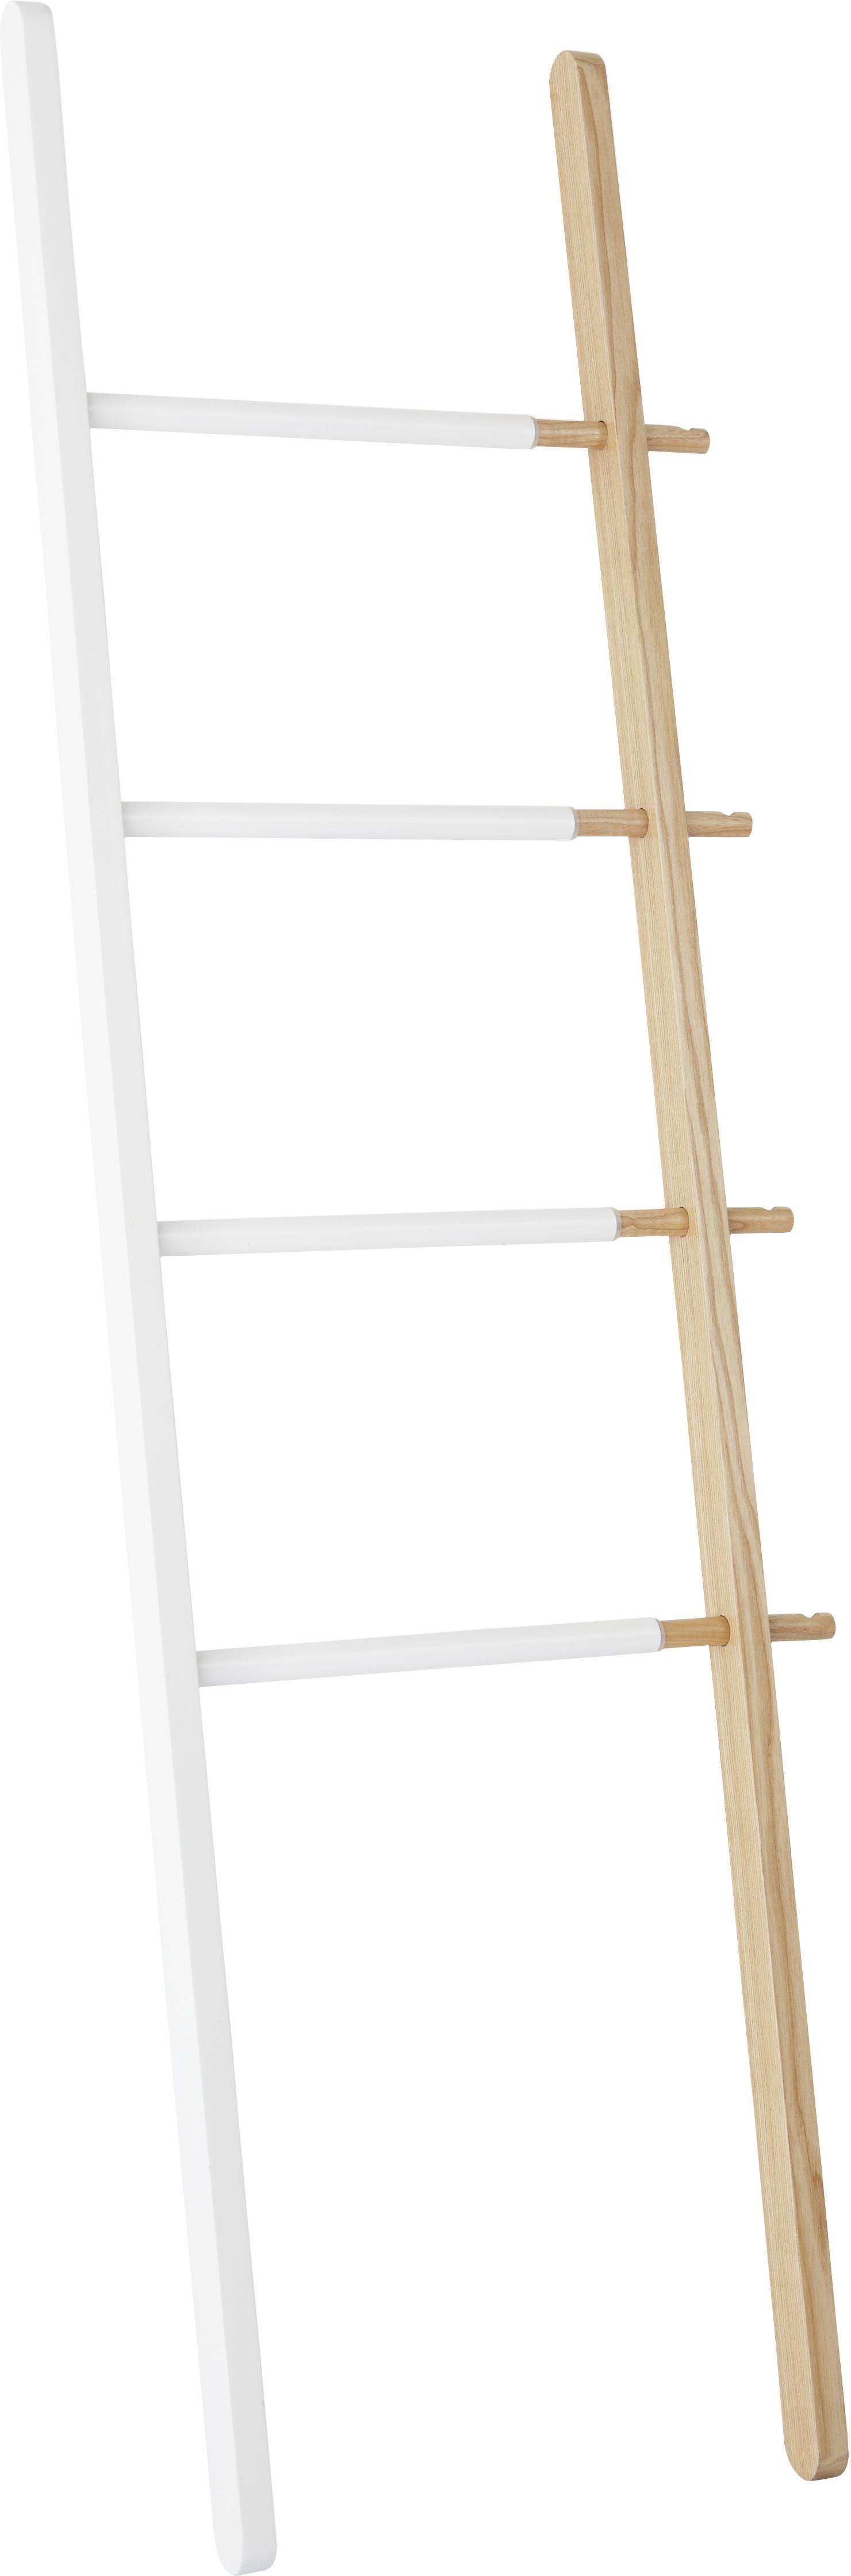 Scaletta di design Hub, Legno di frassino verniciato, acciaio, Bianco, marrone chiaro, Larg. 67 x Alt. 152 cm